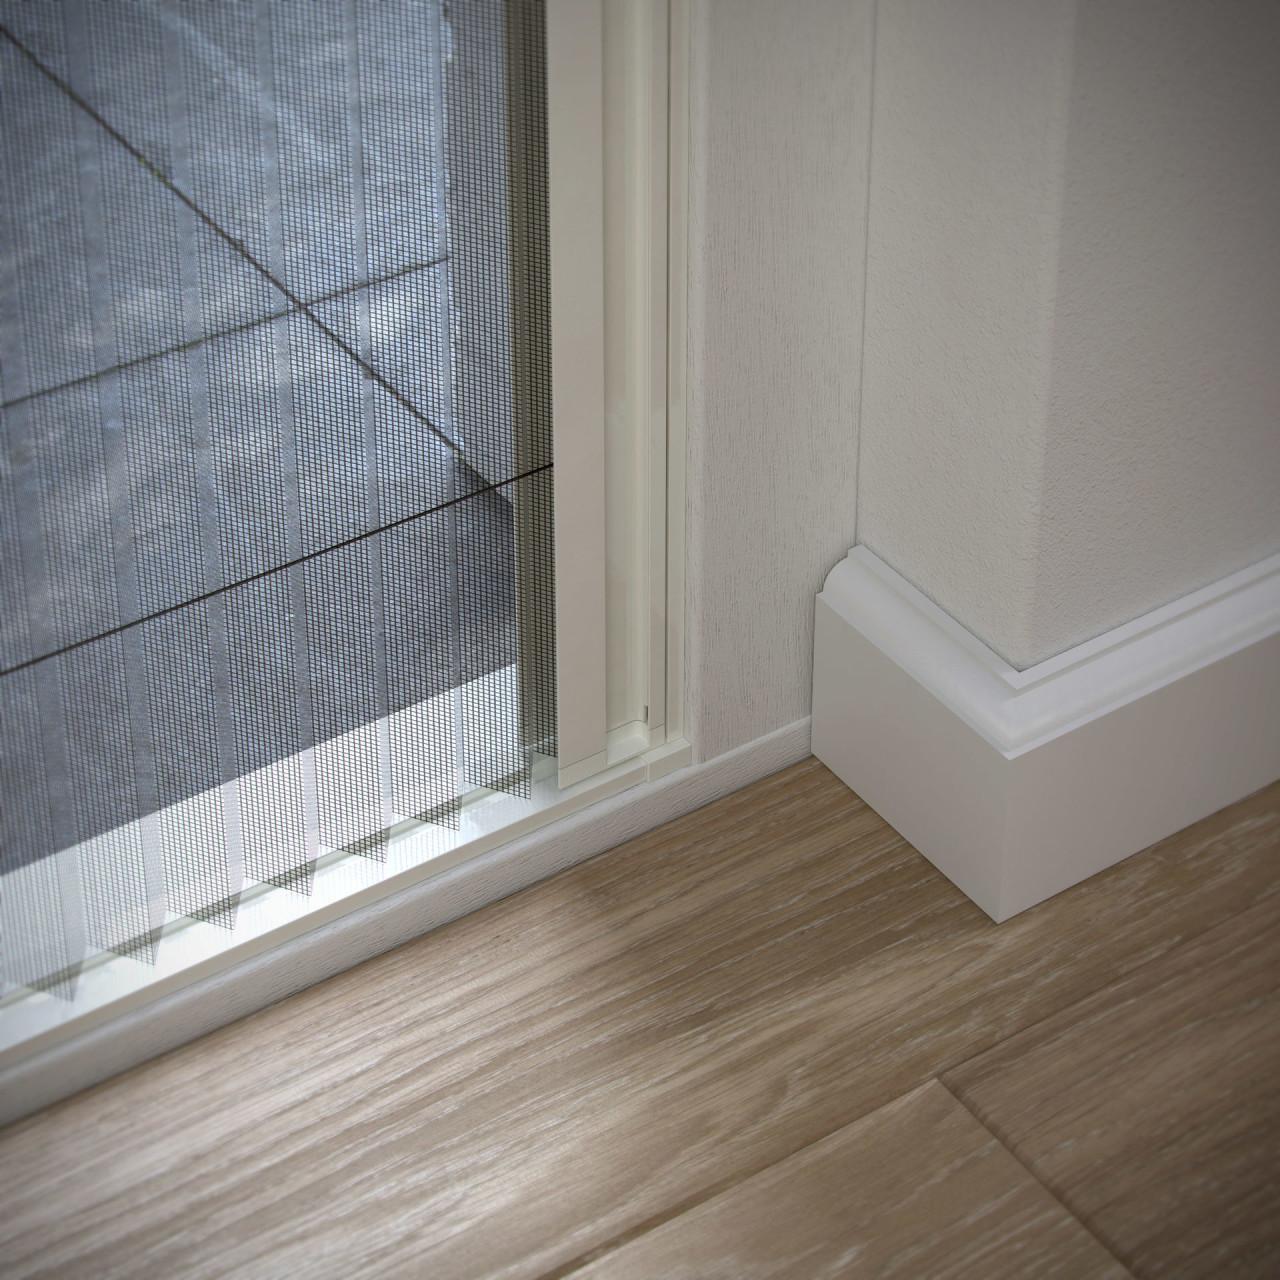 plisse hordeur voor schuifpui deuren bruynzeel s700. Black Bedroom Furniture Sets. Home Design Ideas